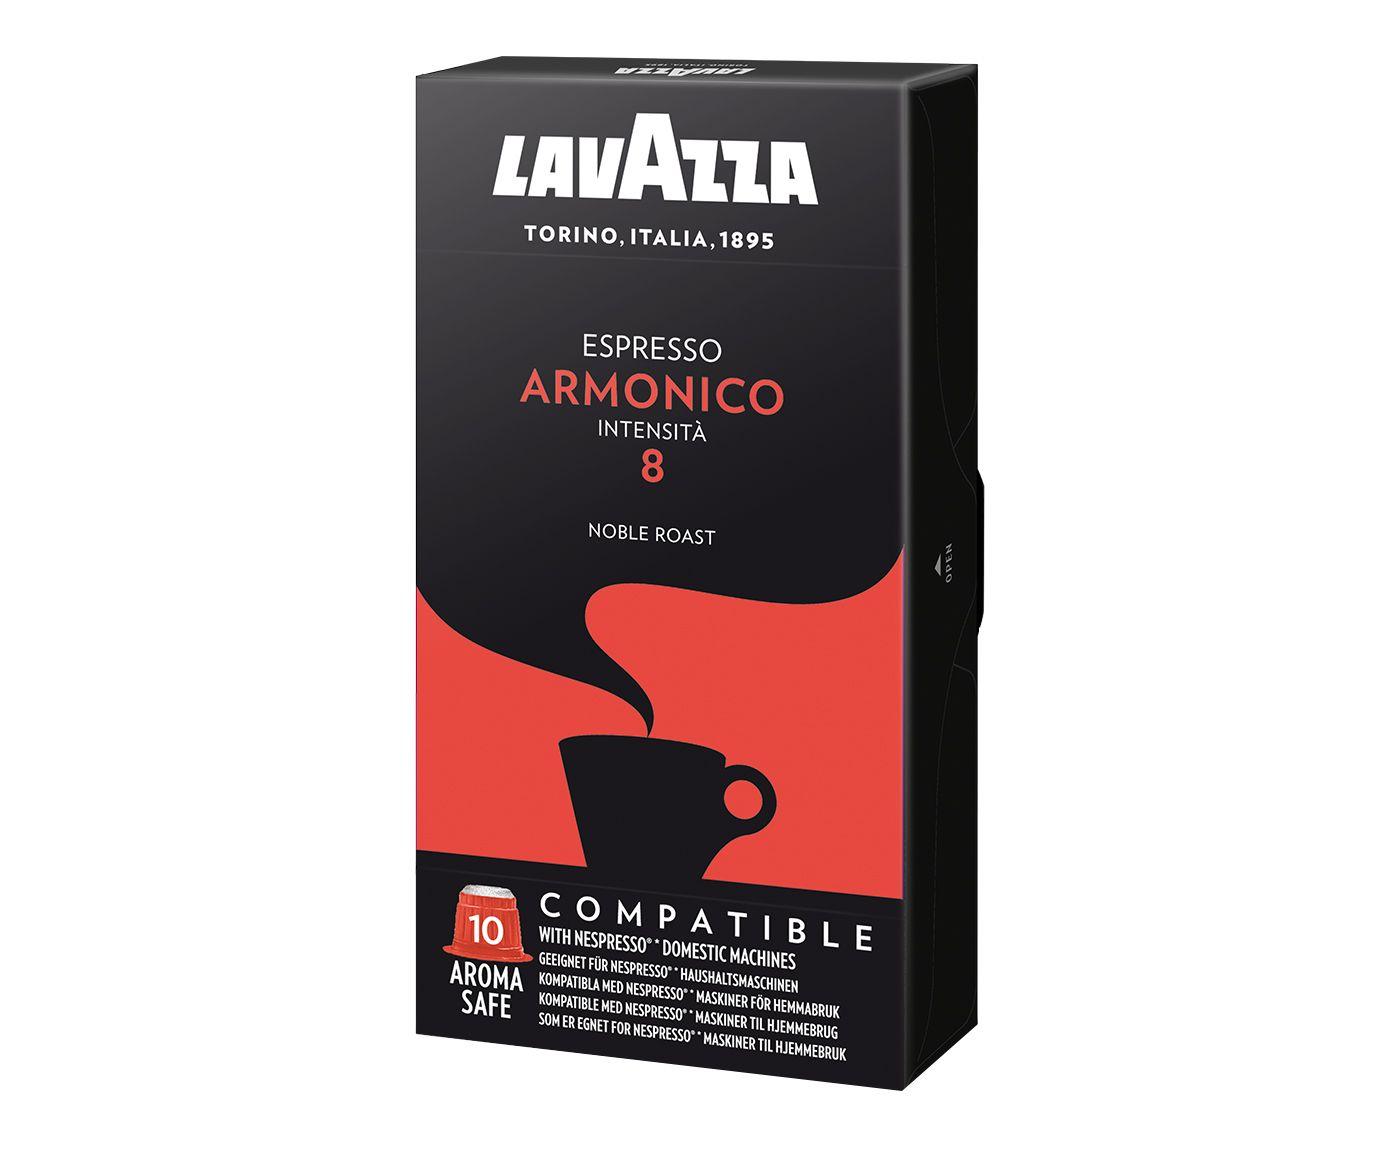 Kit Cápsulas de Café Italiano Lavazza Ncc Espresso Armonico | Westwing.com.br